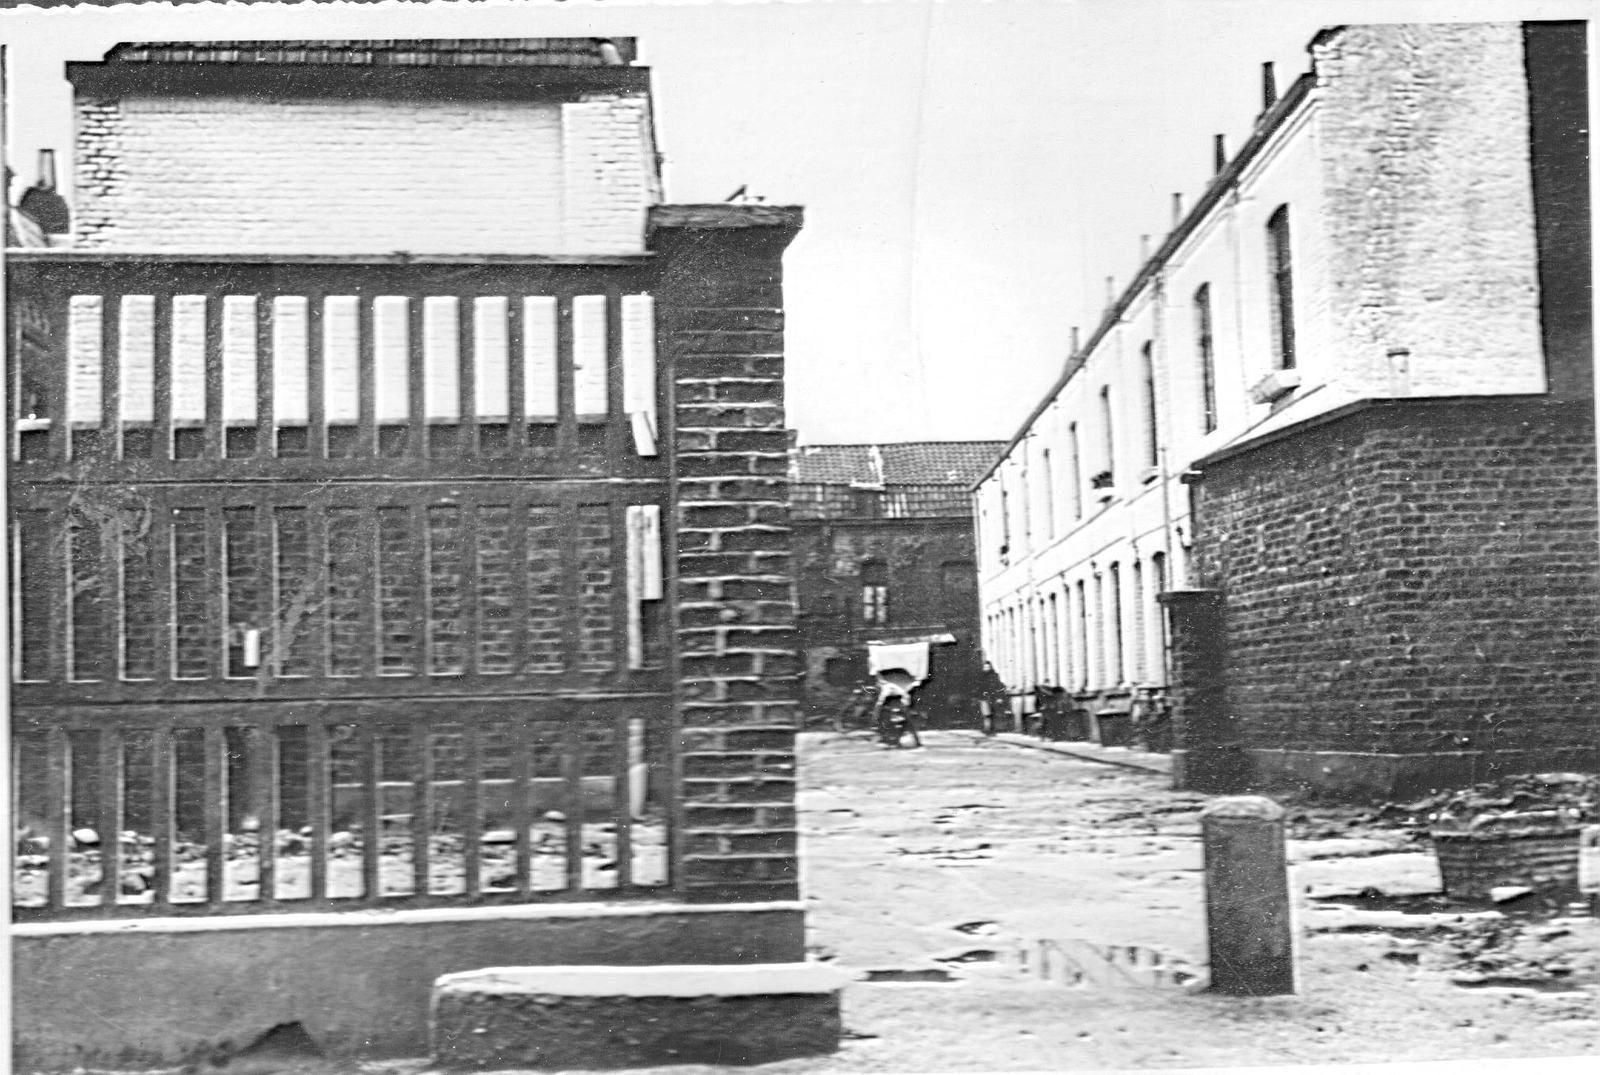 vue de la cour Paux rue de Bailleul à Wazemmes en 1955